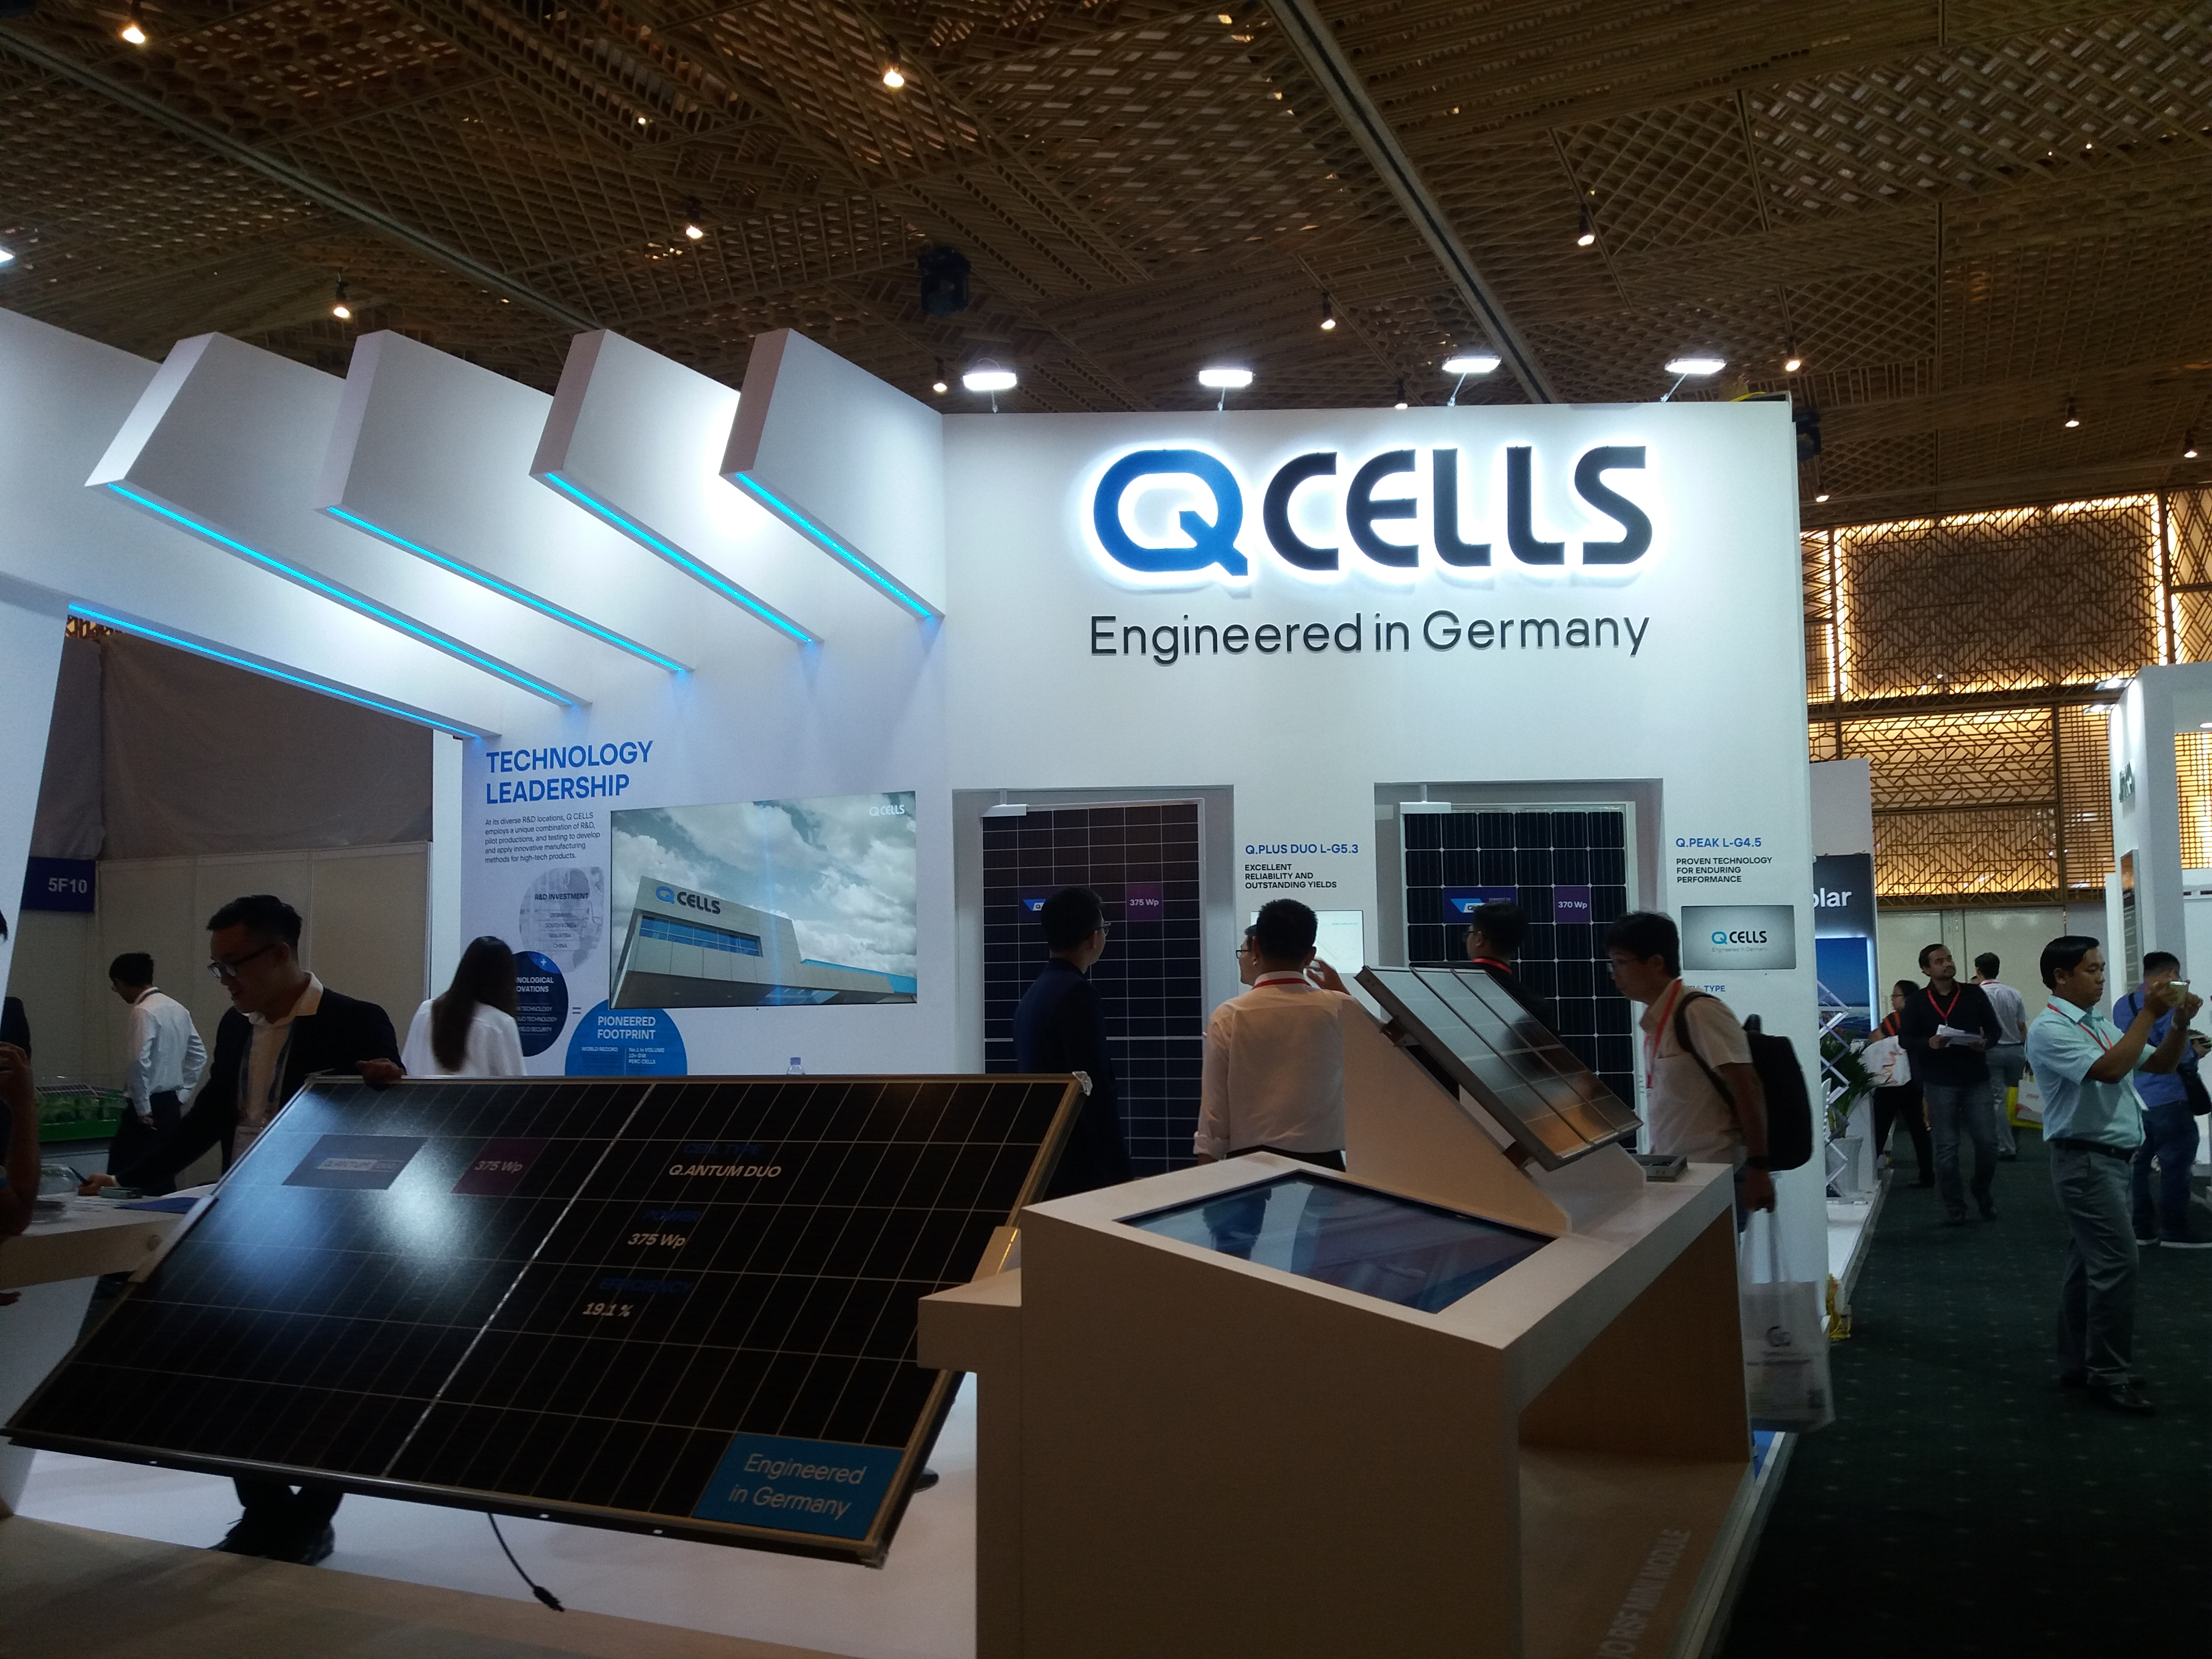 Pin năng lượng mặt trời Qcells với công nghệ Đức